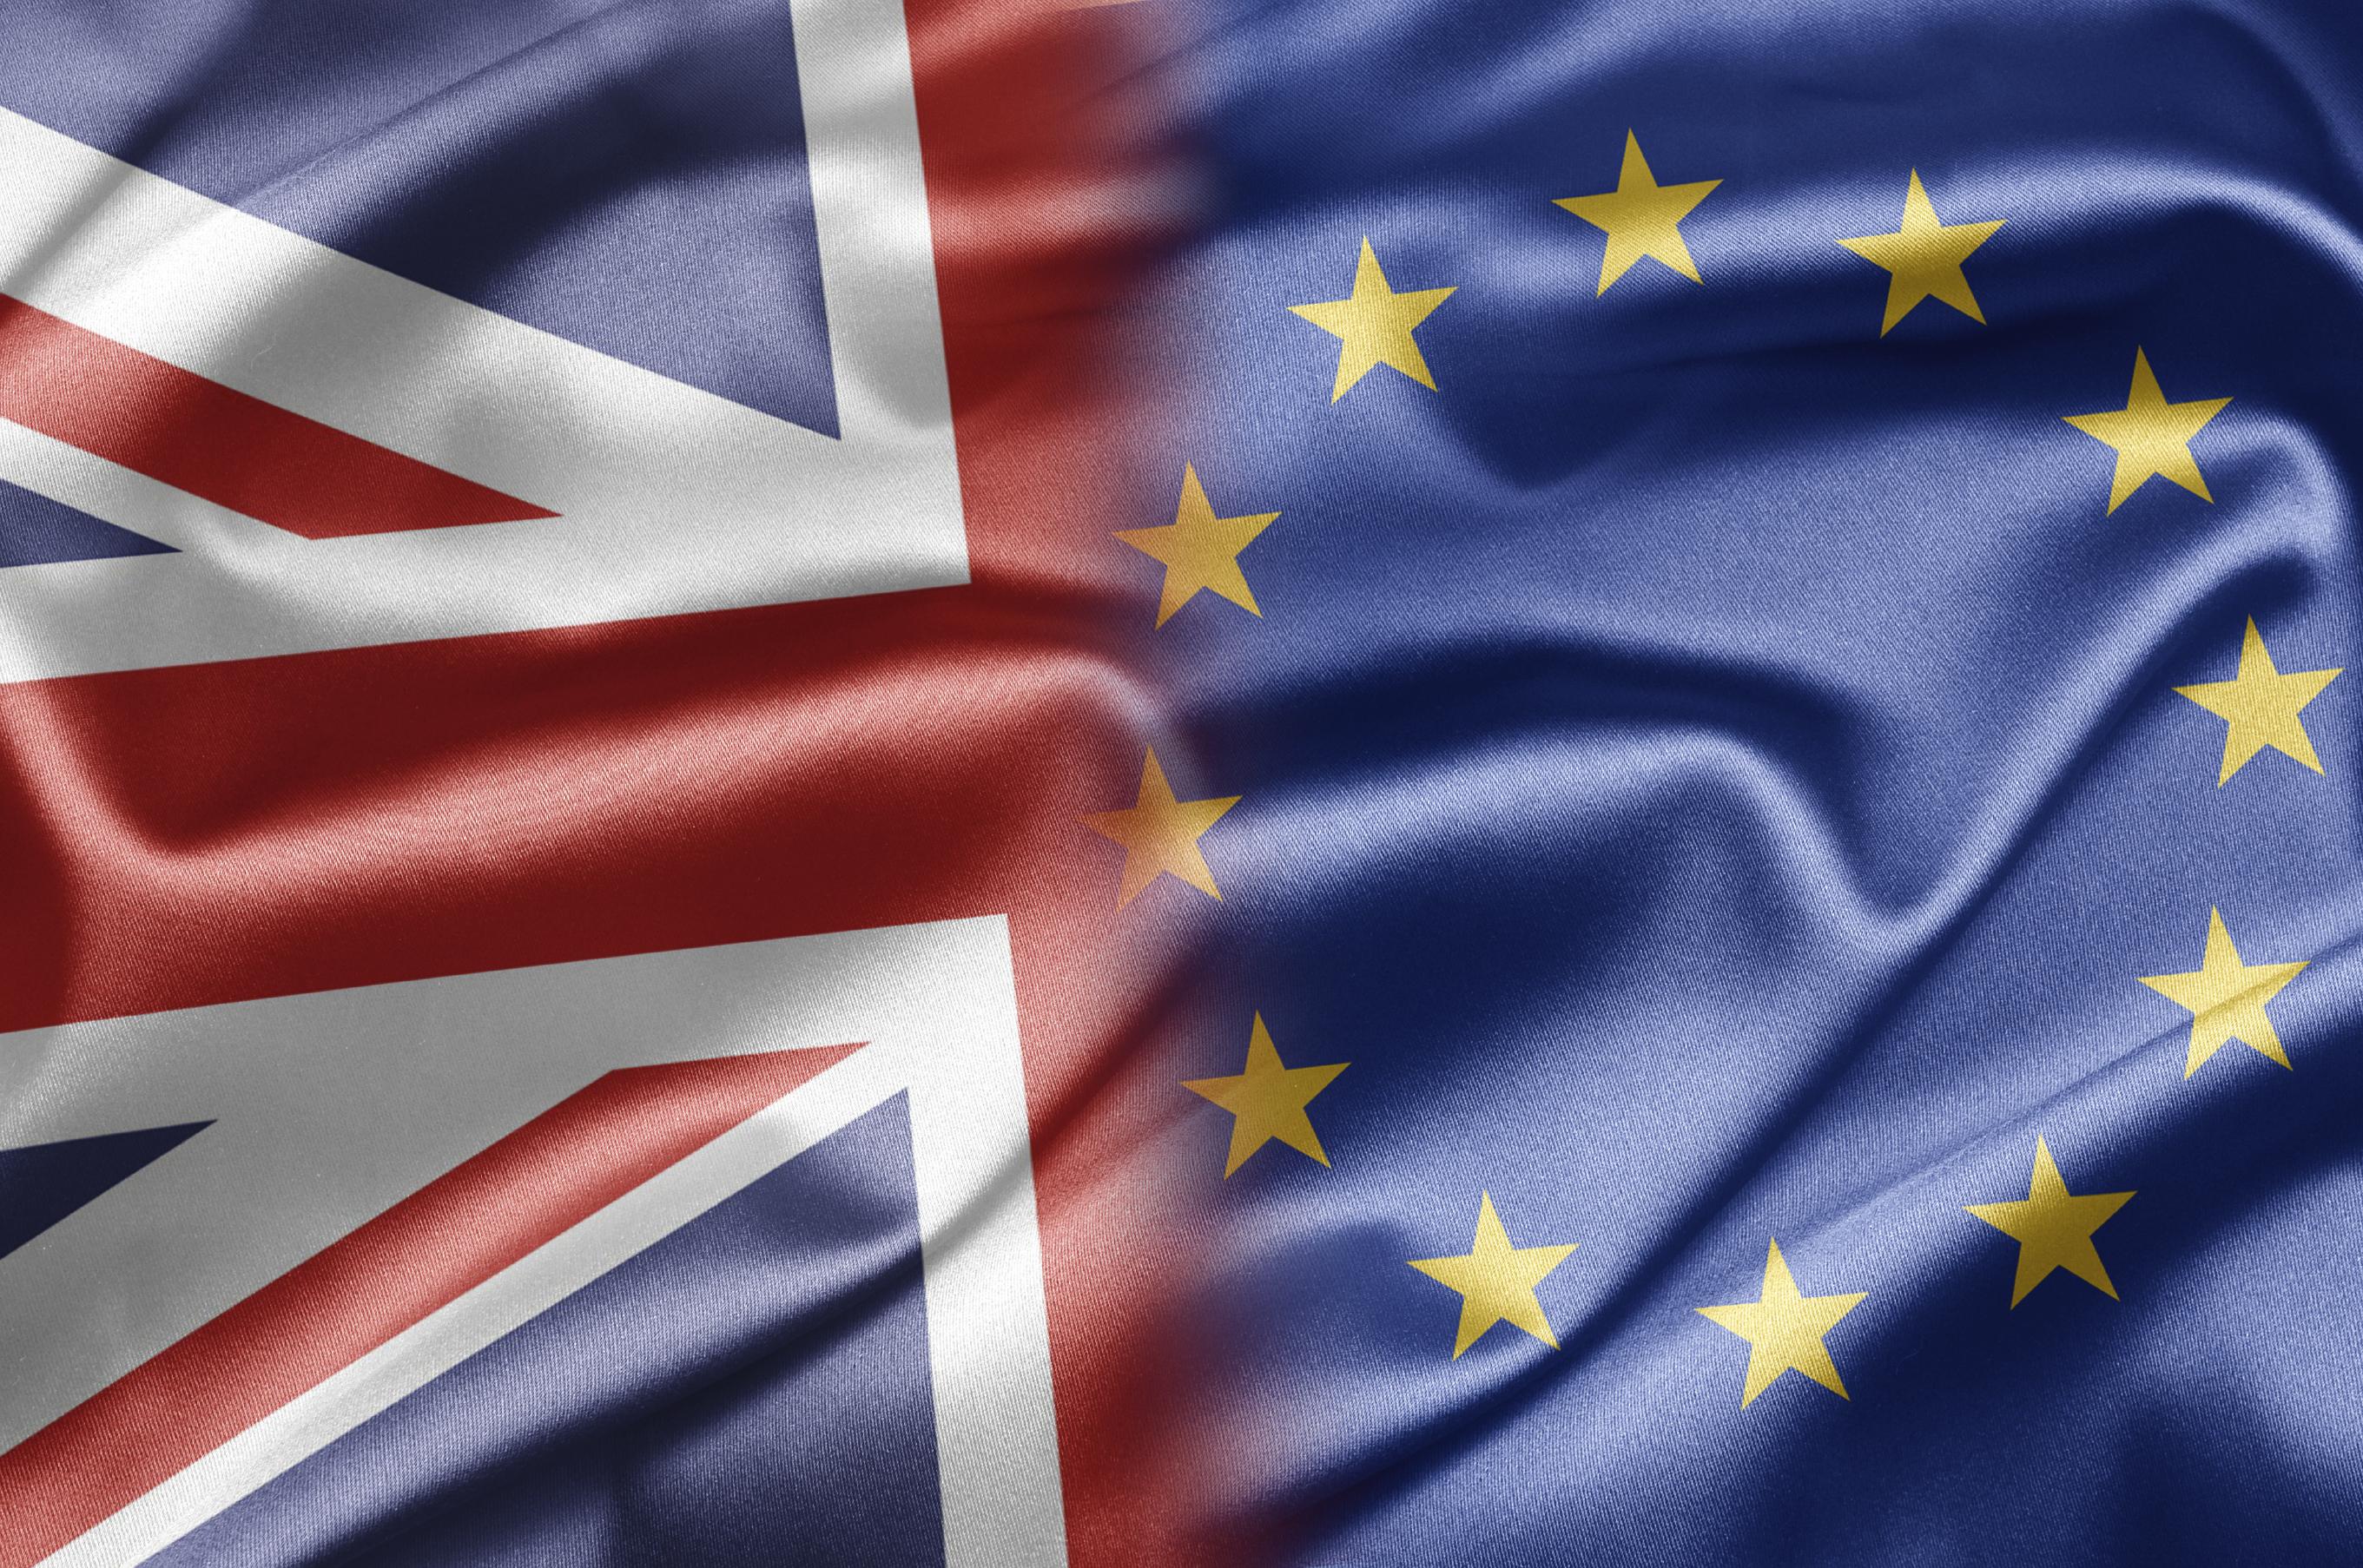 EU referendum - Brexit or Brin?